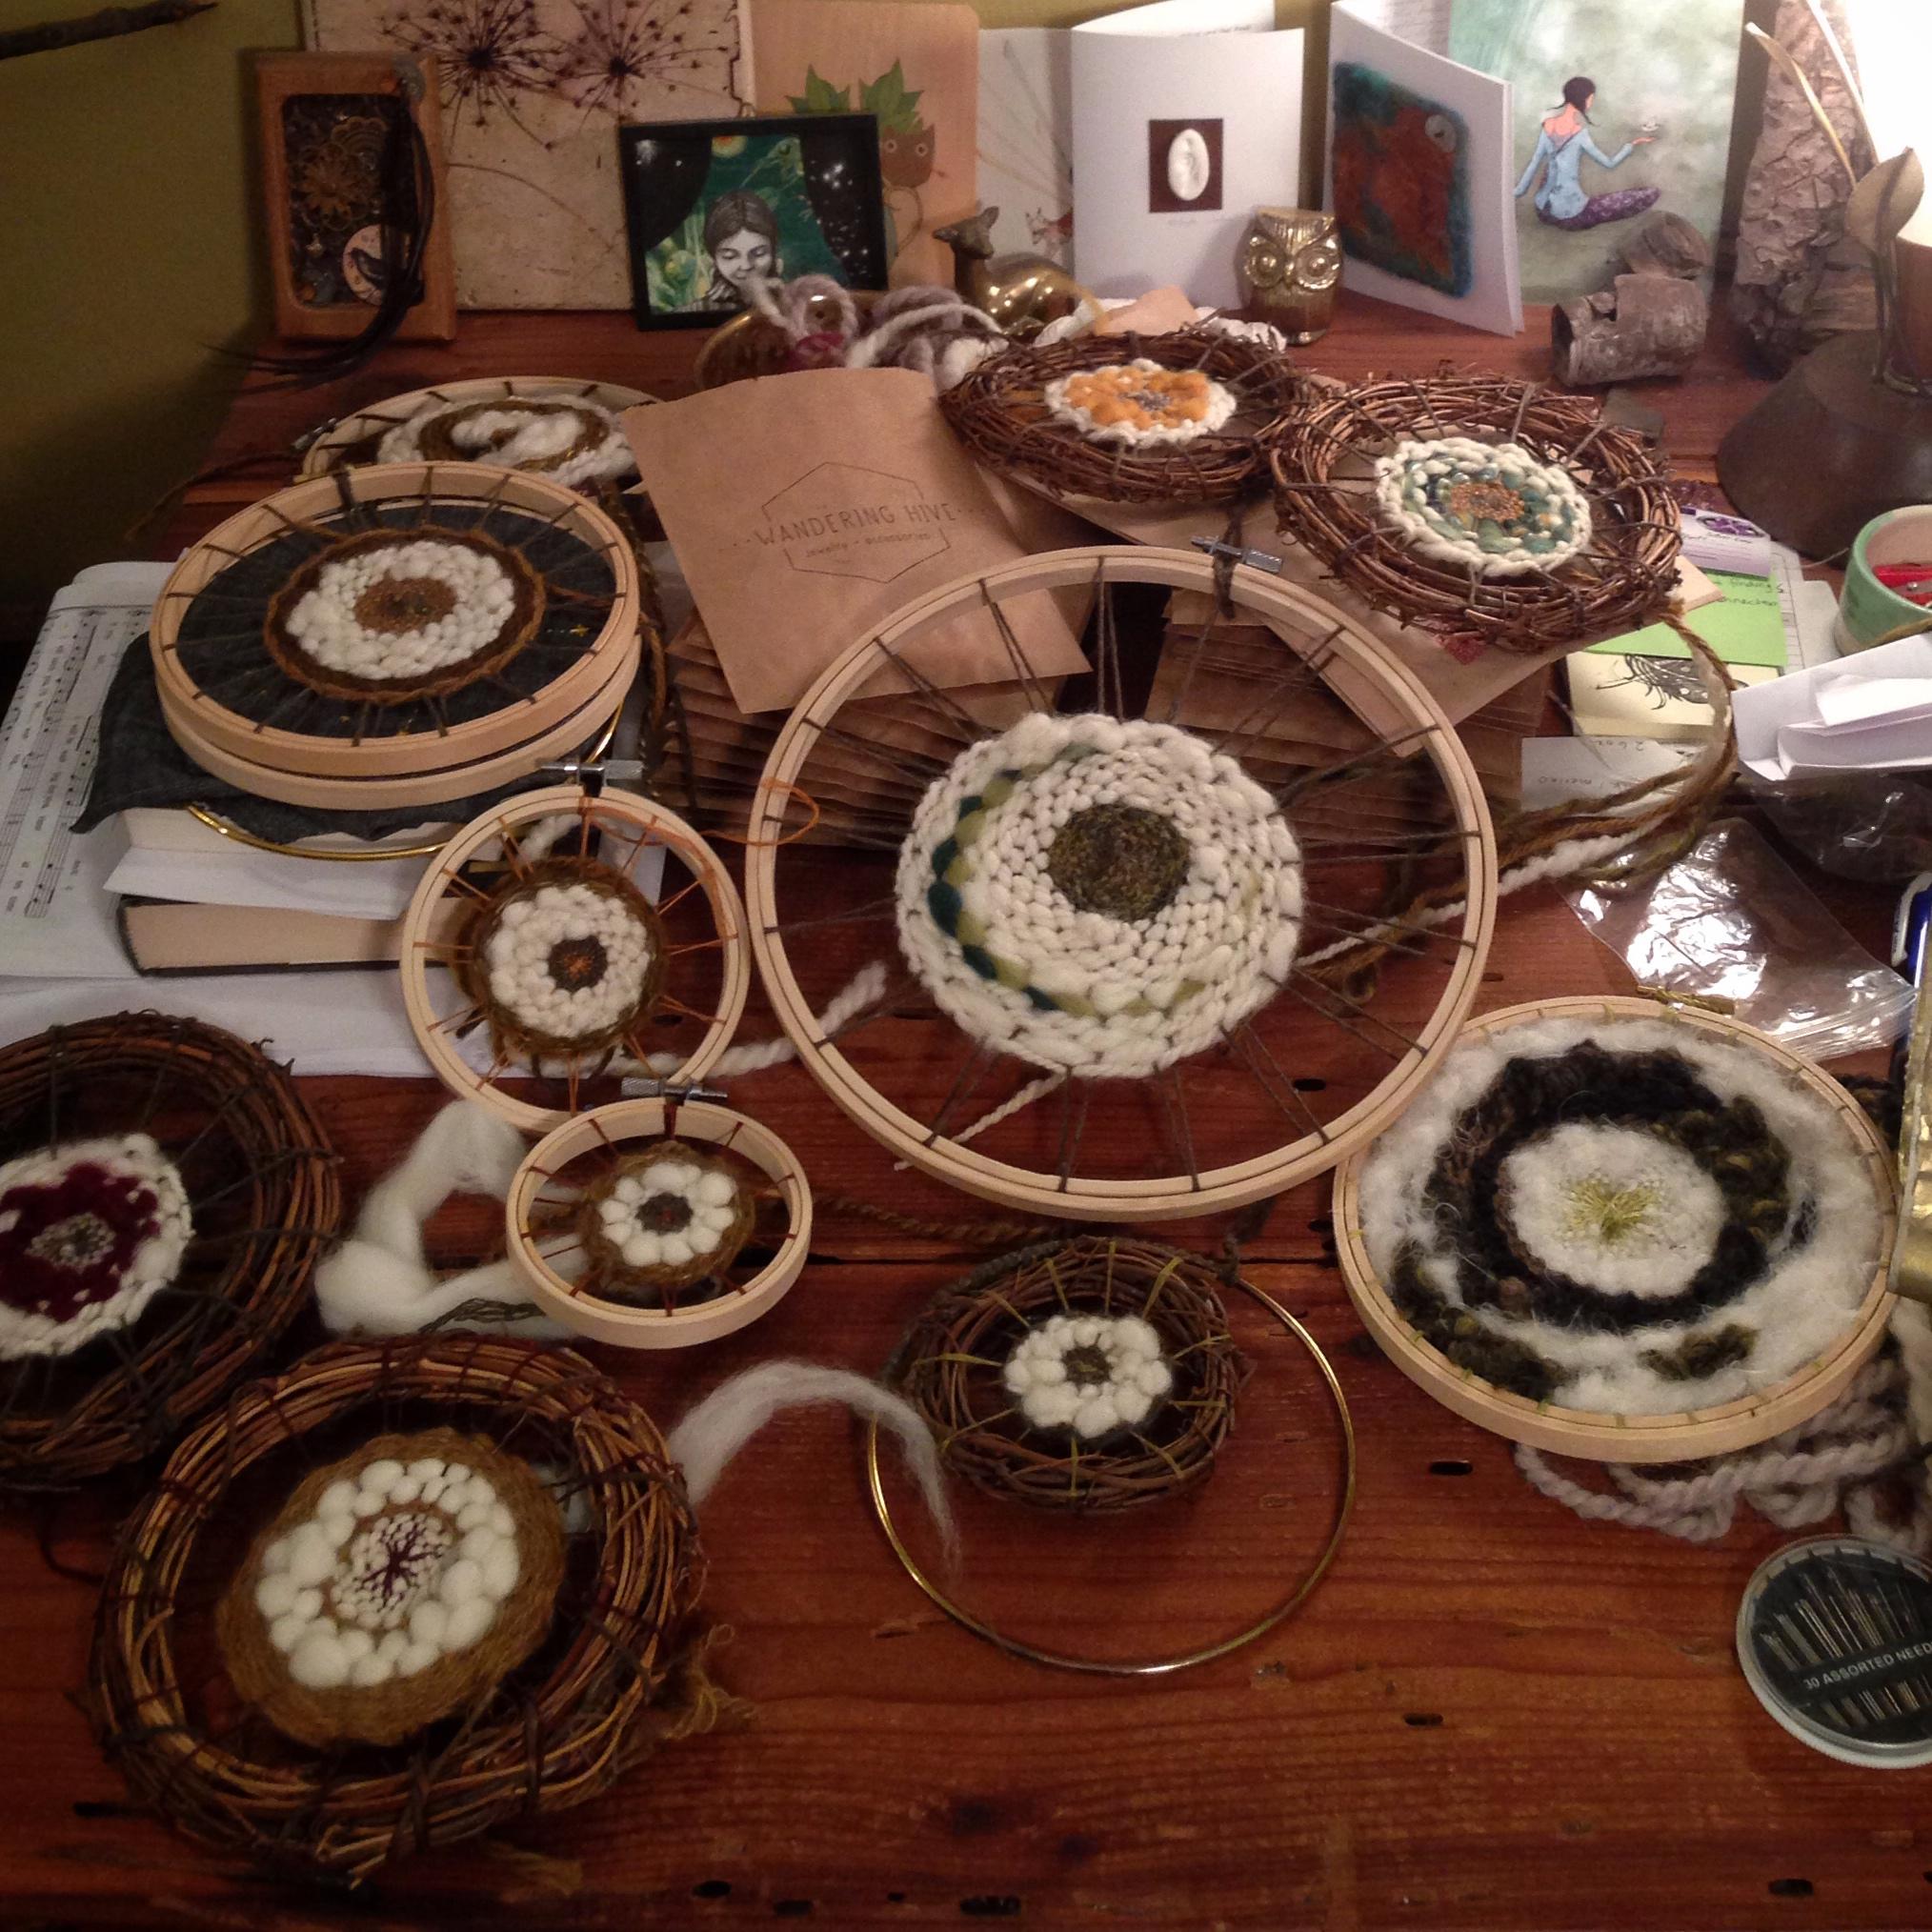 Weavings (wall hangings)